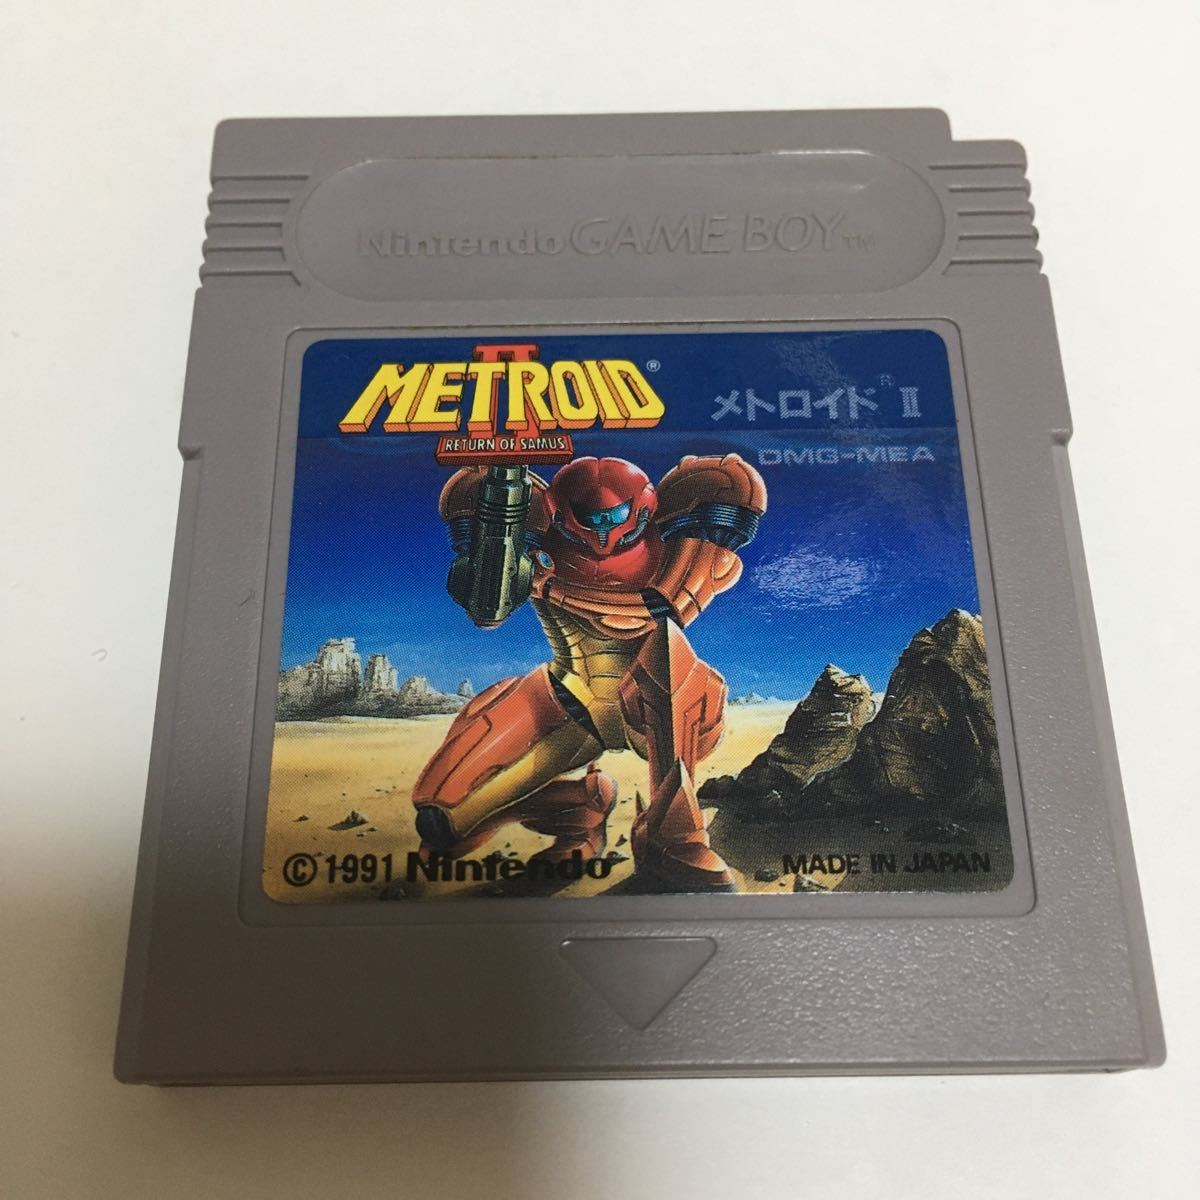 ゲームボーイ ソフト メトロイド2 動作確認済み カセット 任天堂 サムス レトロ ゲーム